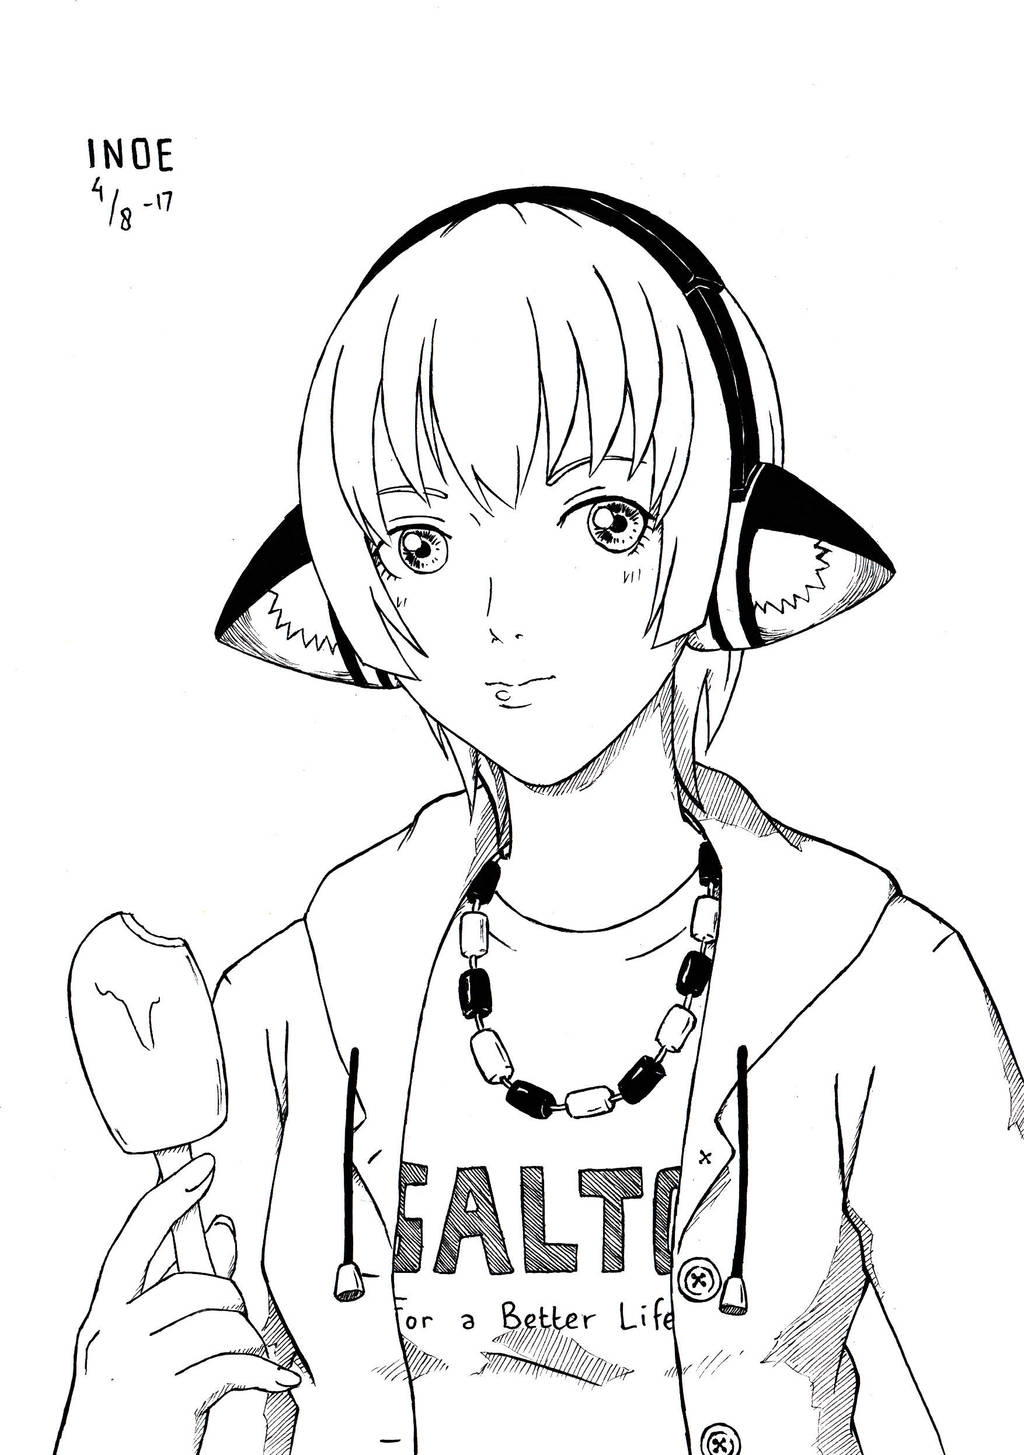 Just Draw! #13: Beast-Ear Headphones? by i-n-o-e